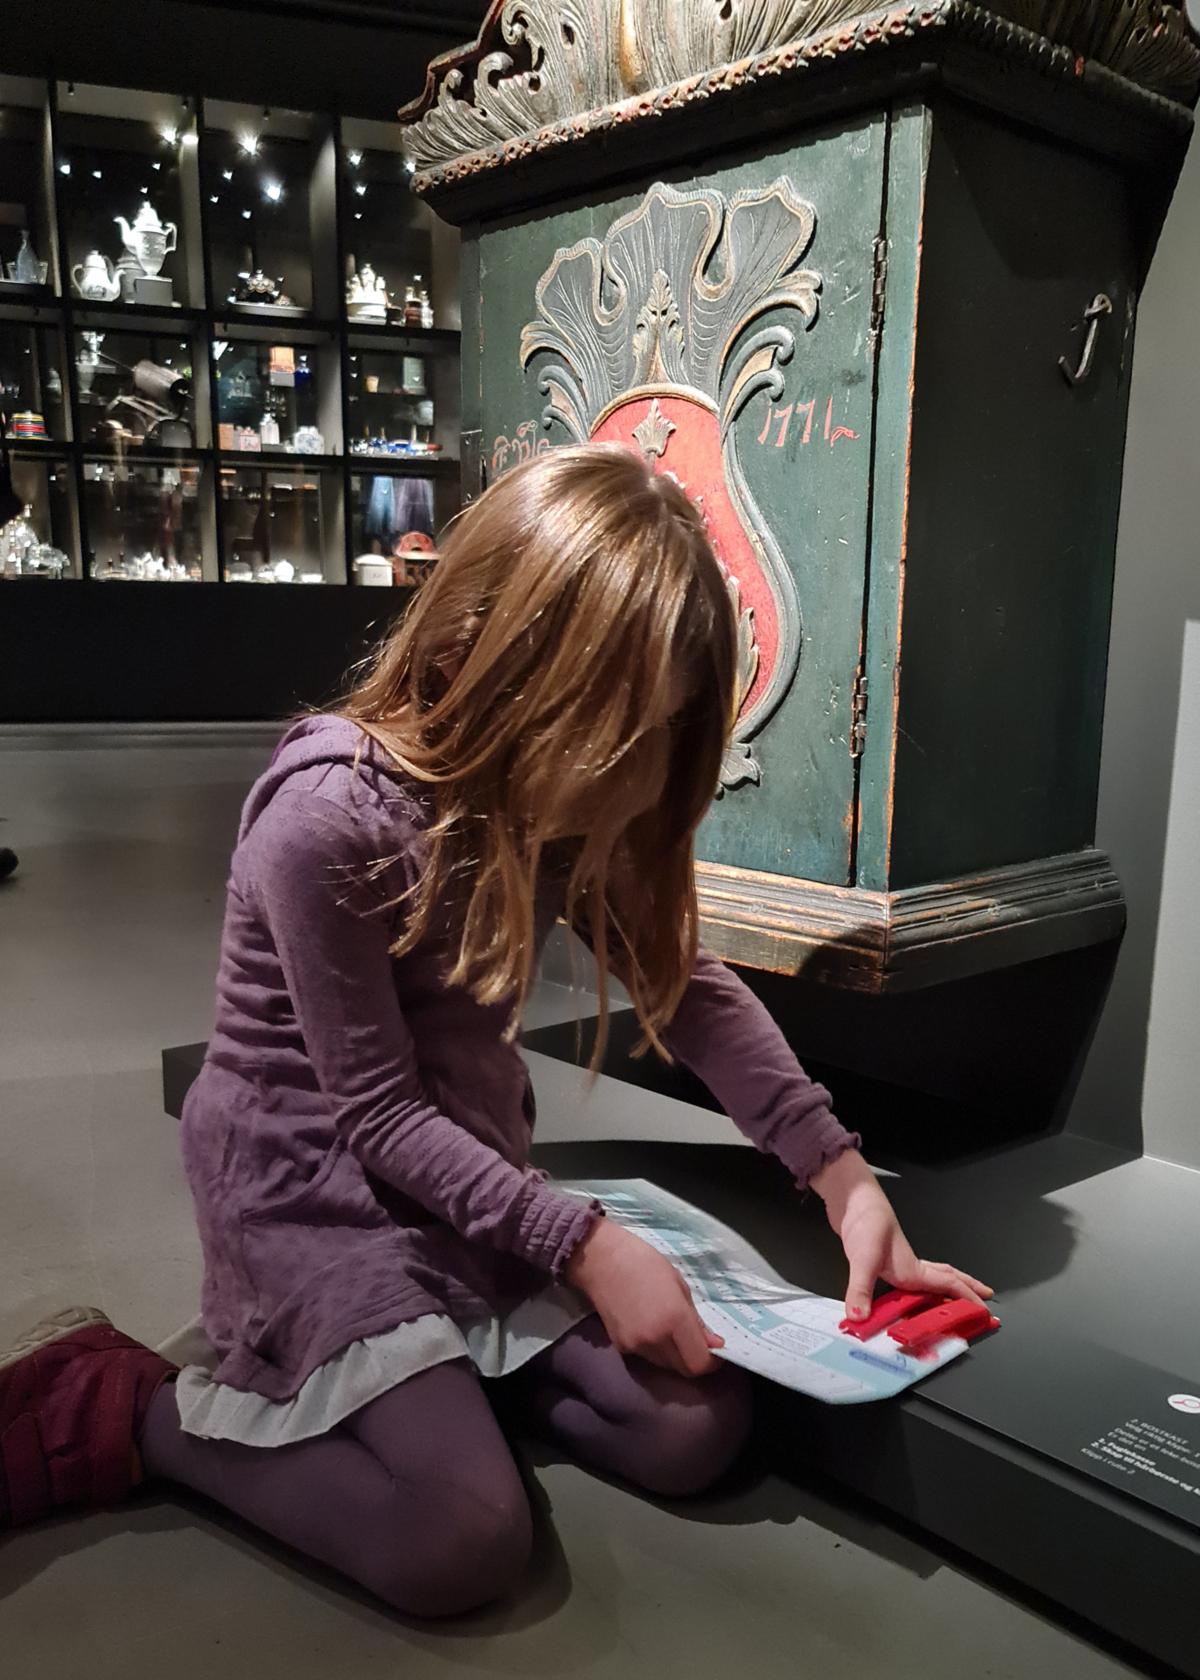 Jente stempler i en brosjyre i utstillingen Impulser.